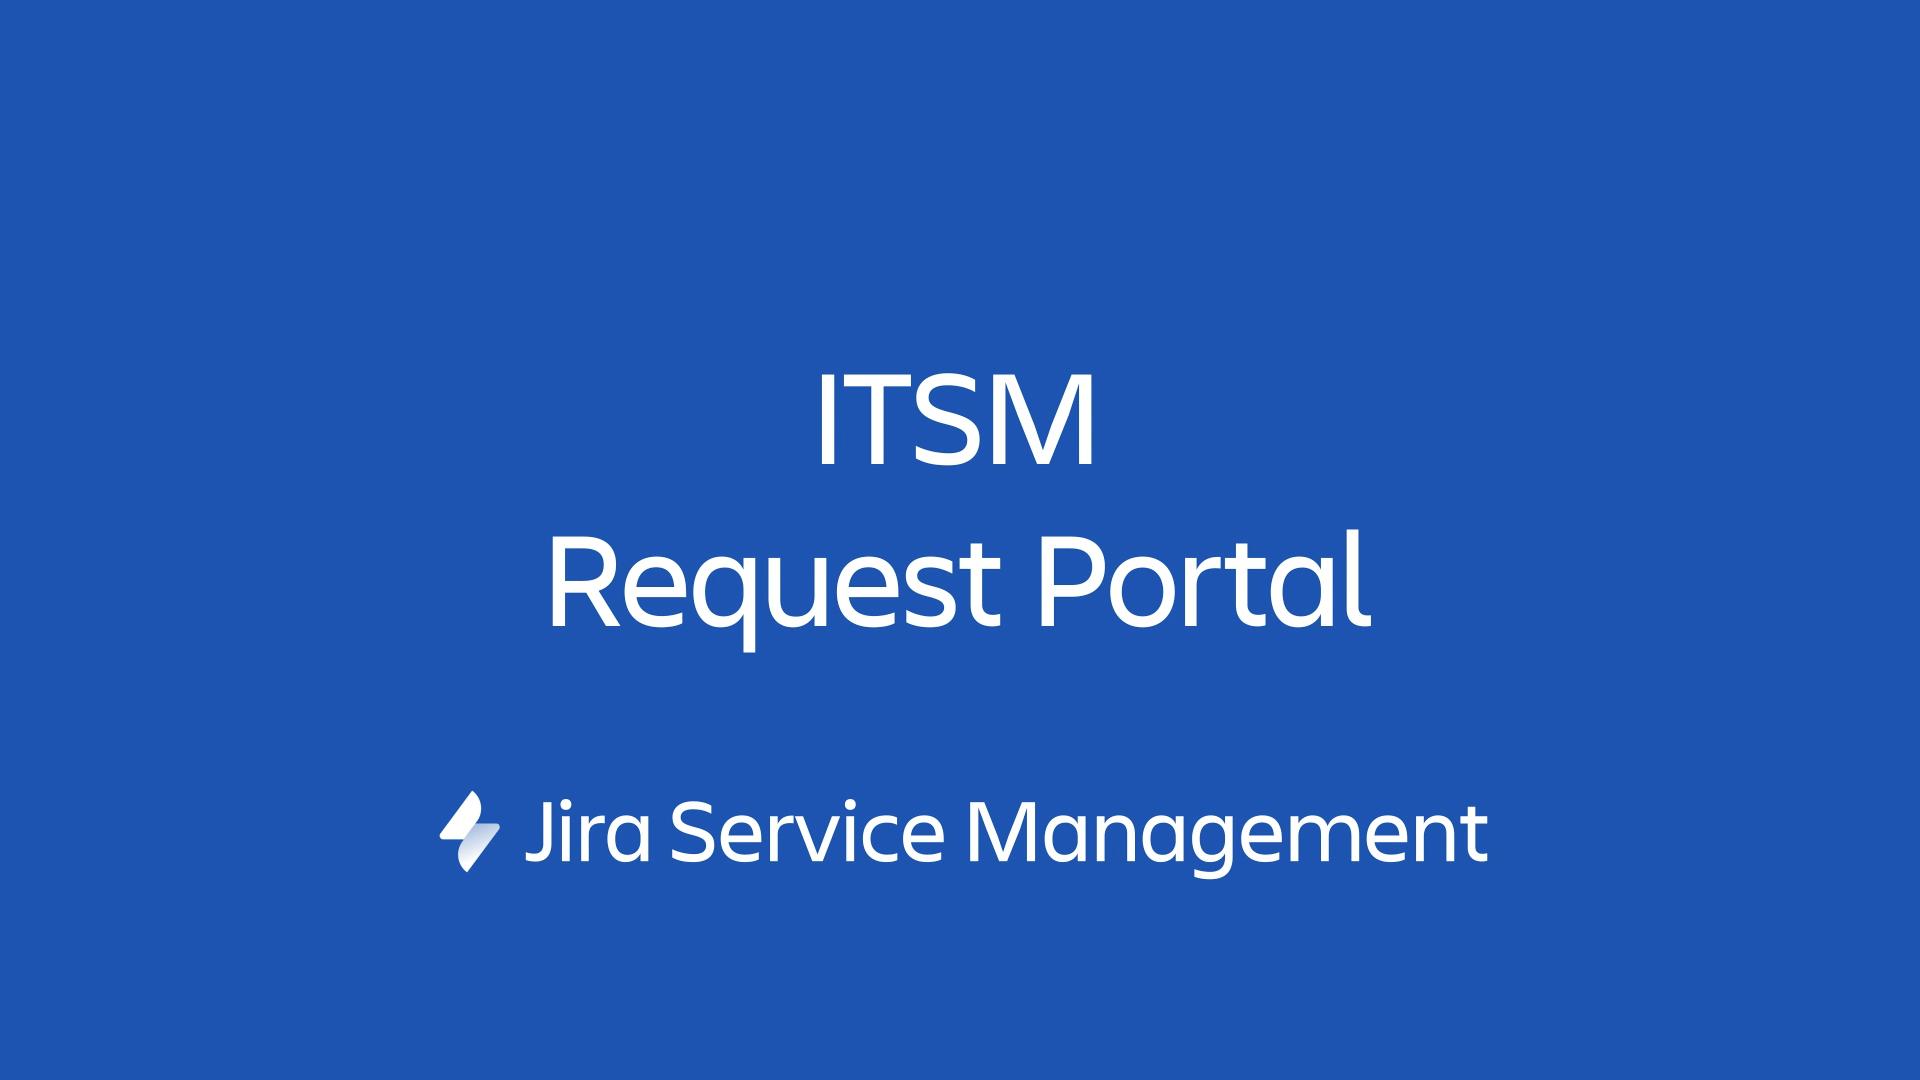 Portal składania wniosków ITSM w Jira Service Management